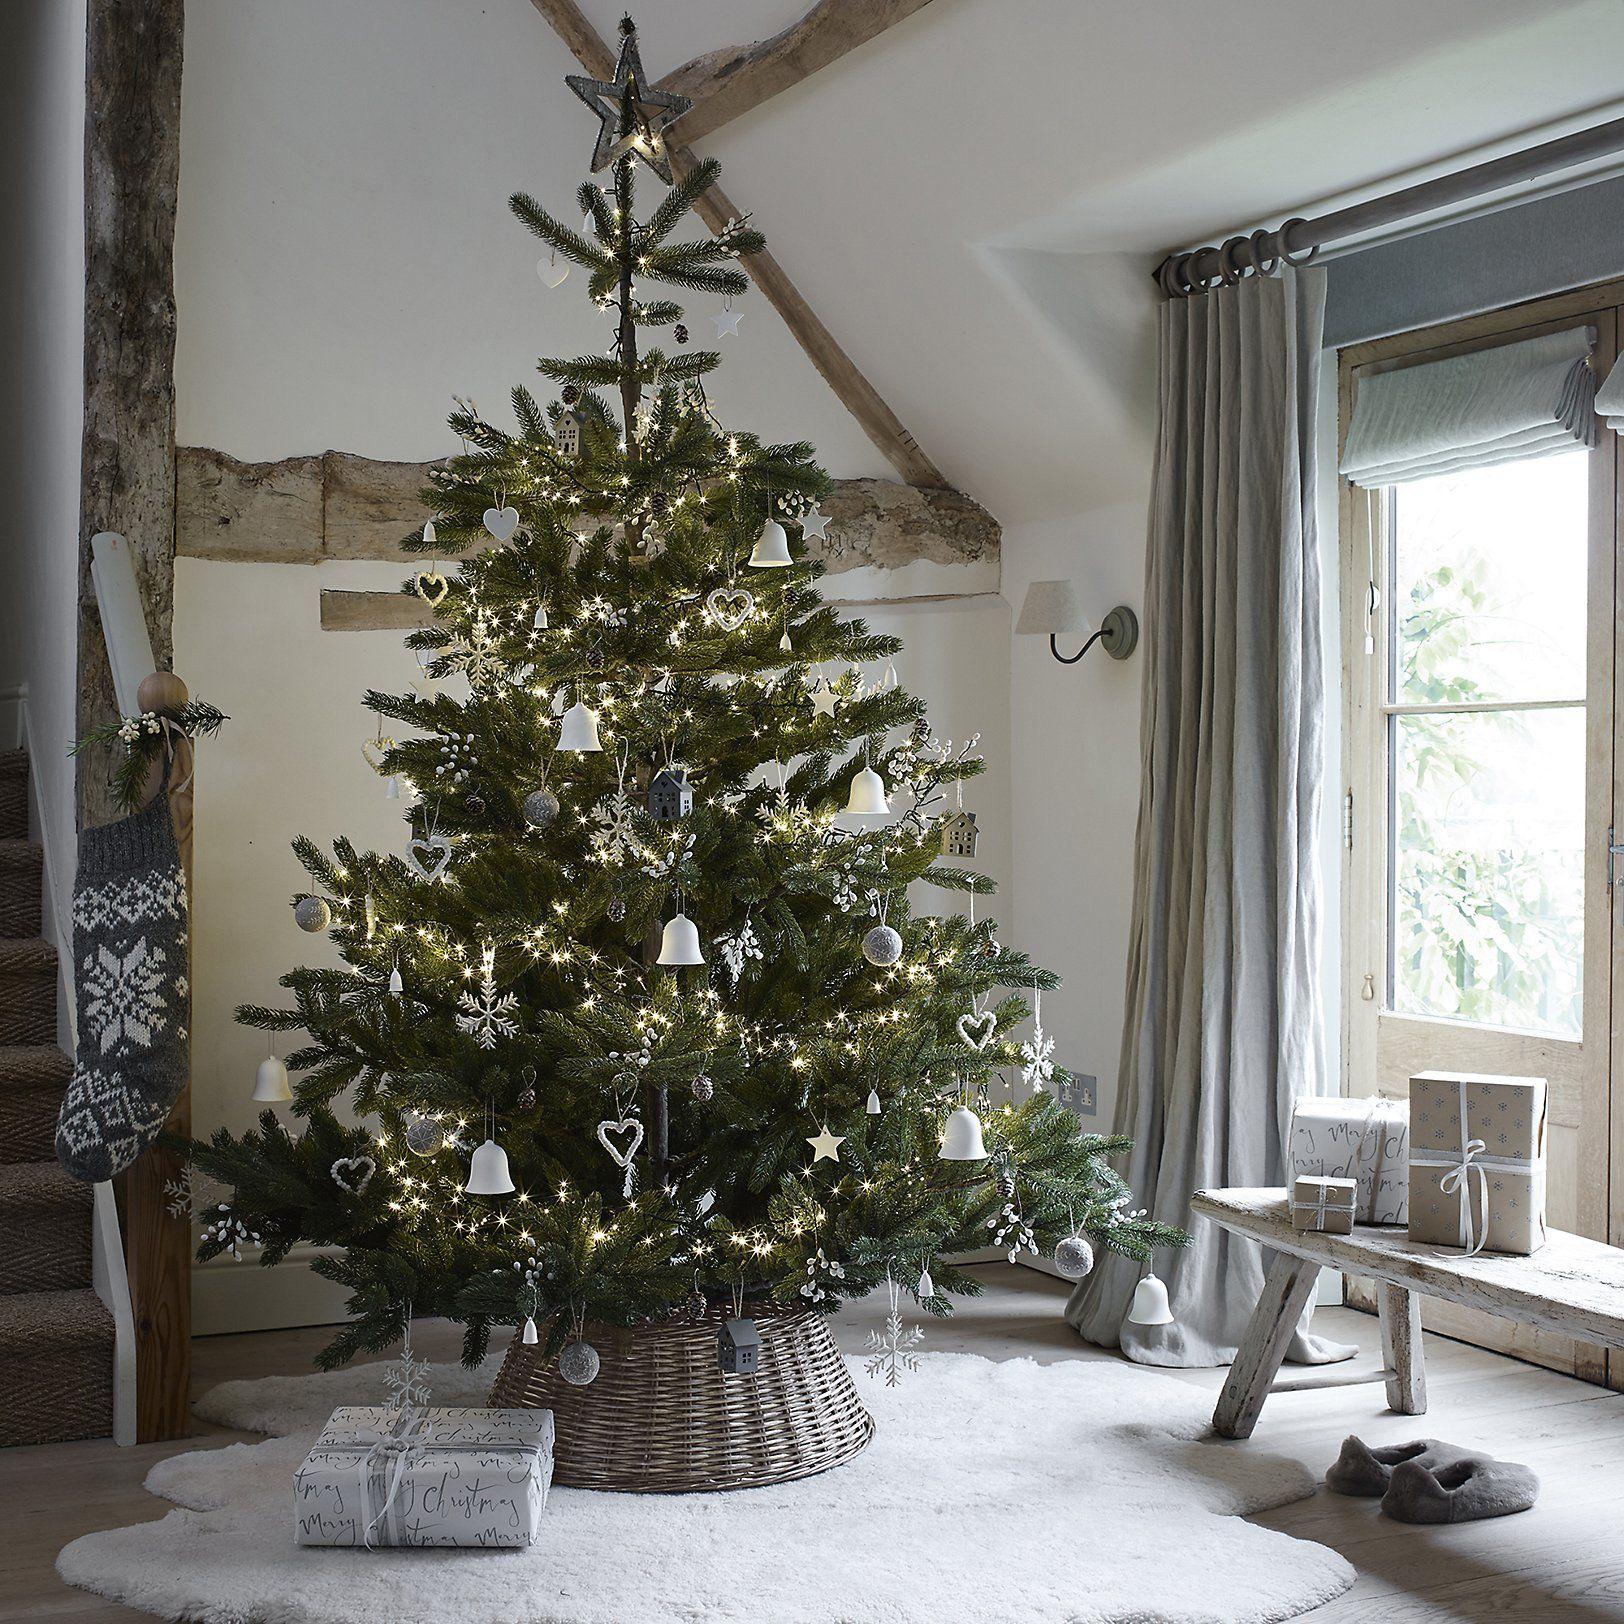 Felt Bobble Heart The White Company UK Christmas